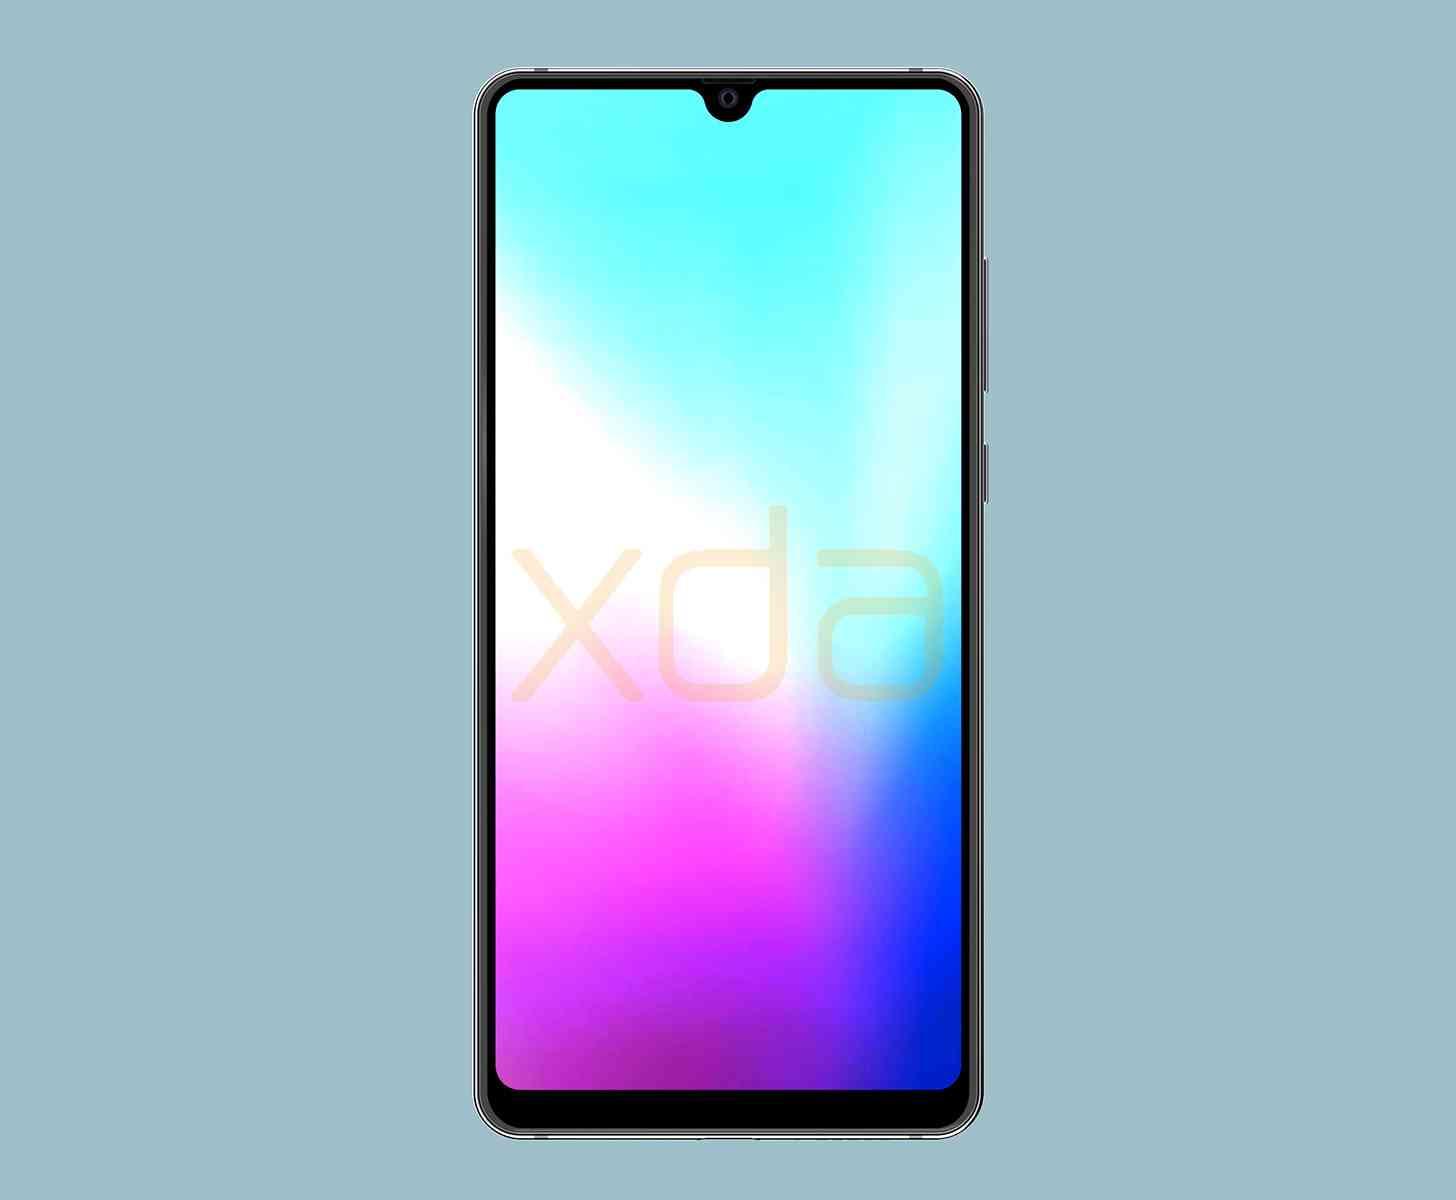 Huawei Mate 20 images leak